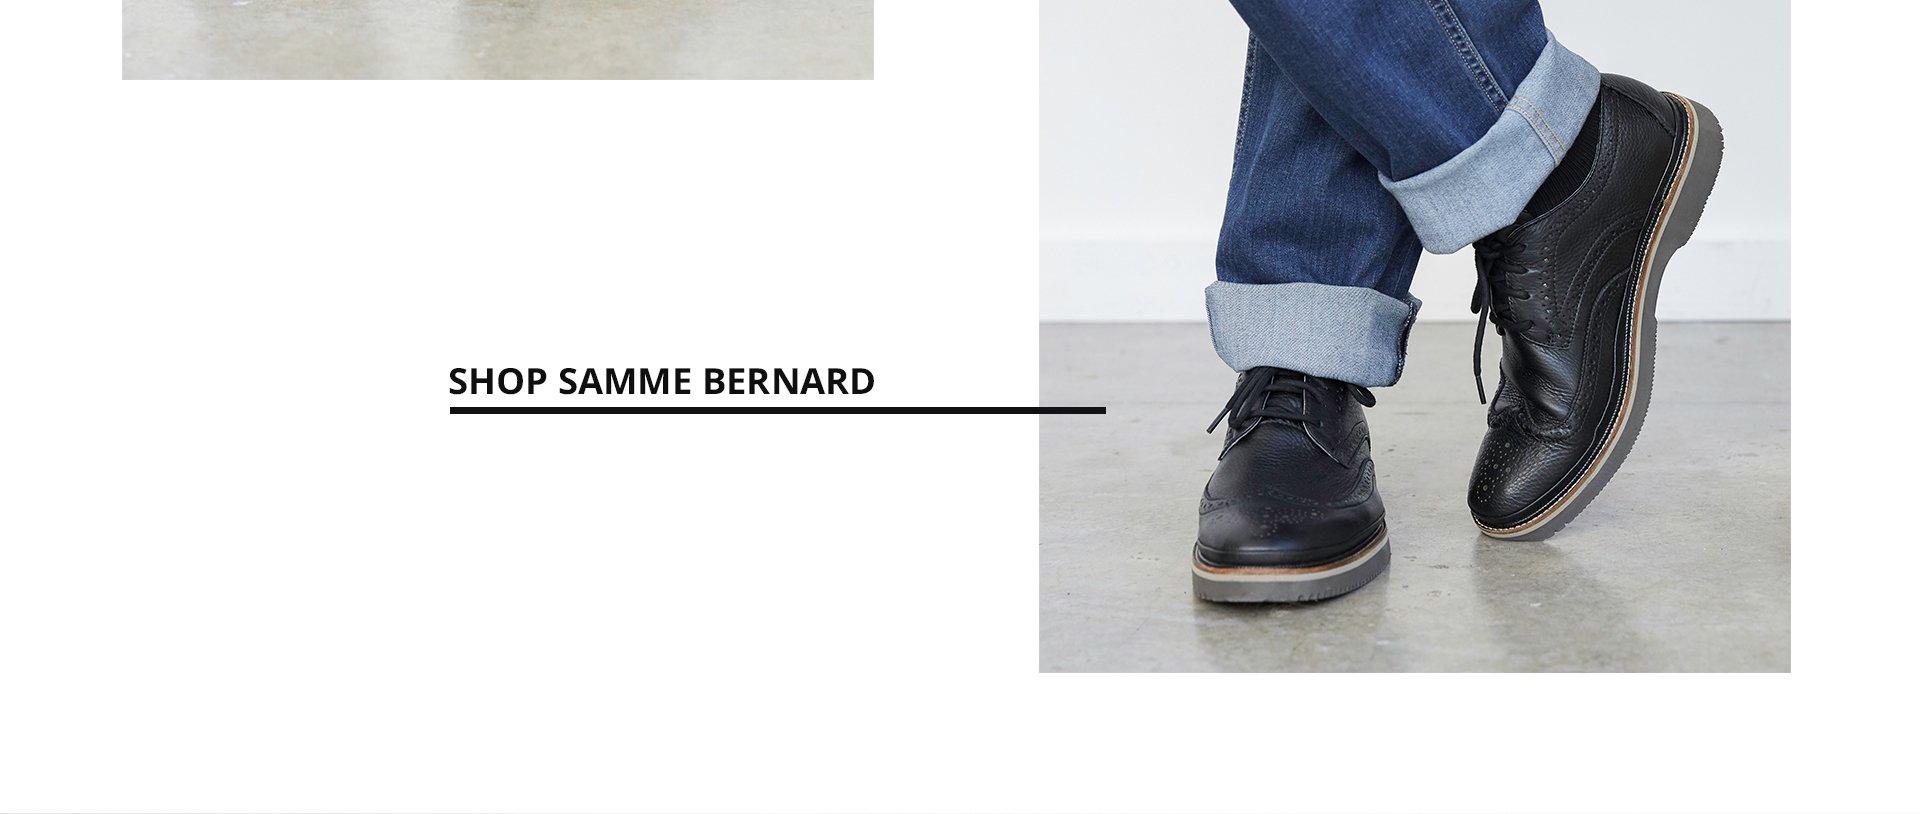 Shop Samme Bernard